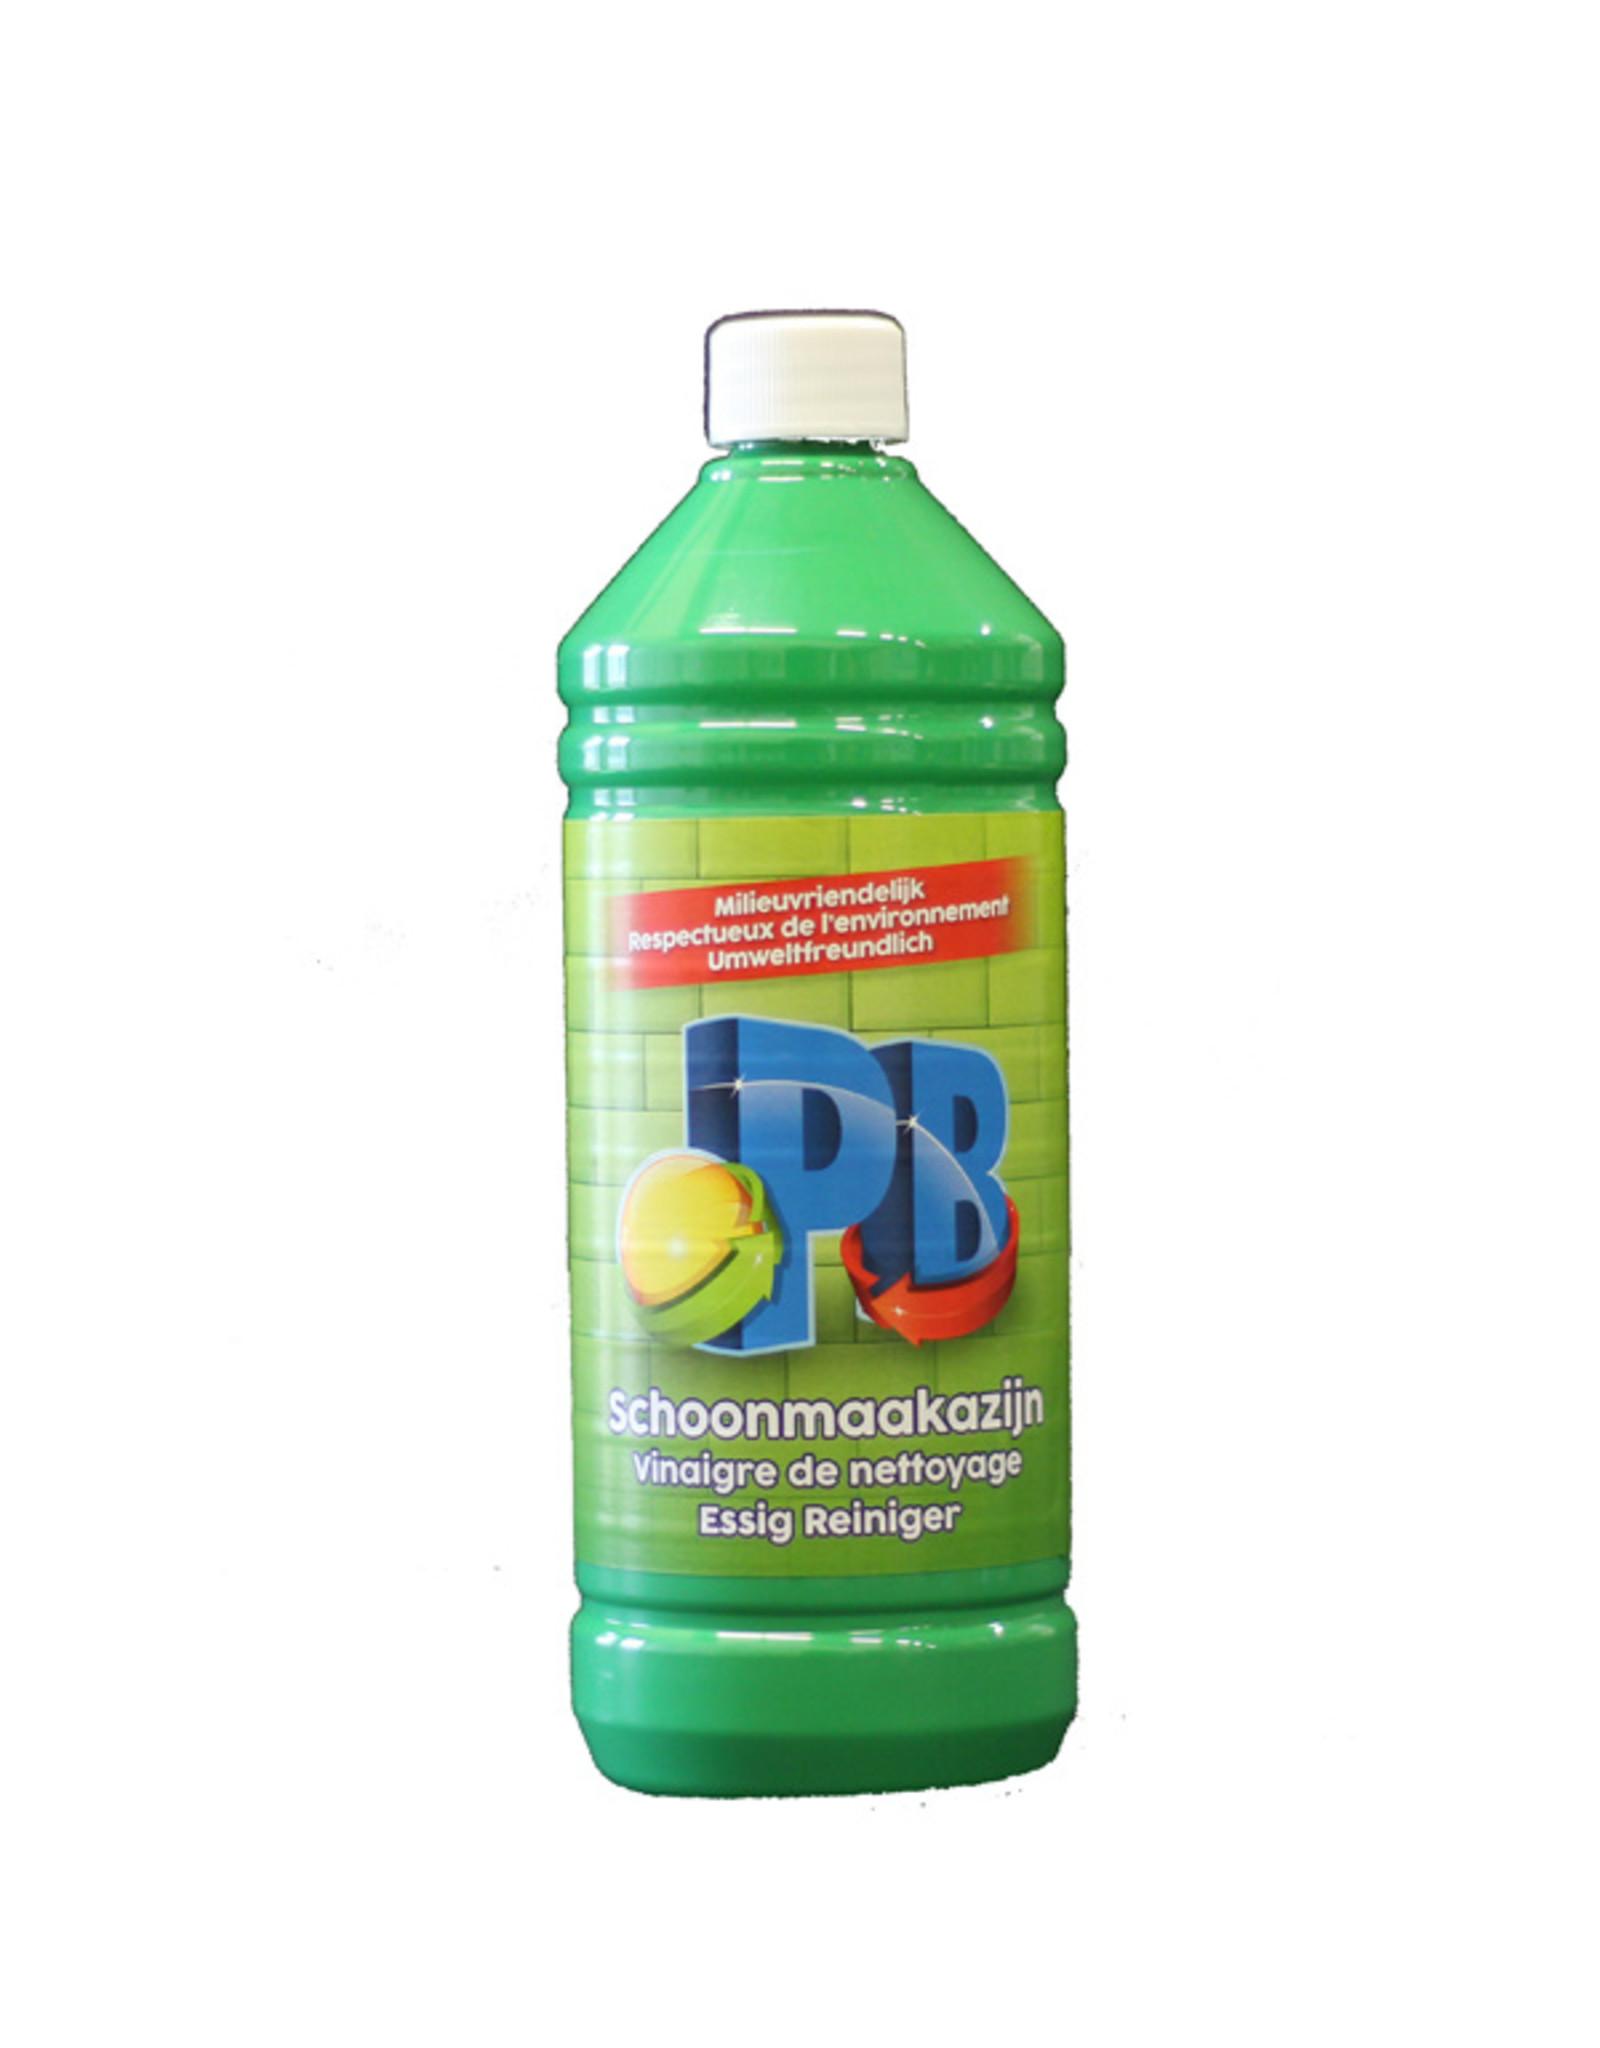 PB Schoonmaakazijn 1 ltr. per 12 stuks